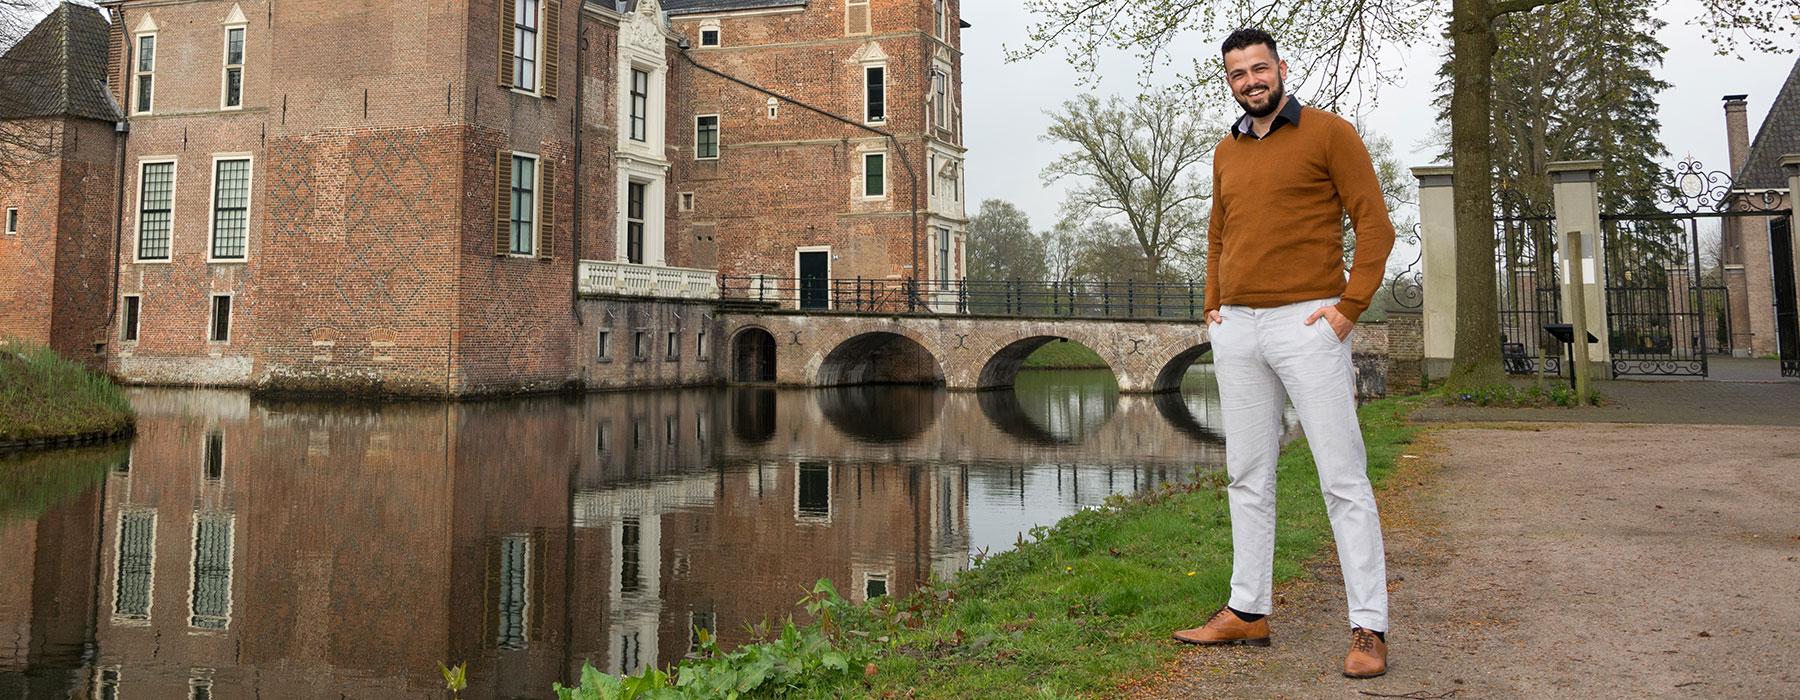 Turkije Cemil Yilmaz online boek Tutti frutti het succes van kleurrijk en ondernemend Nederland